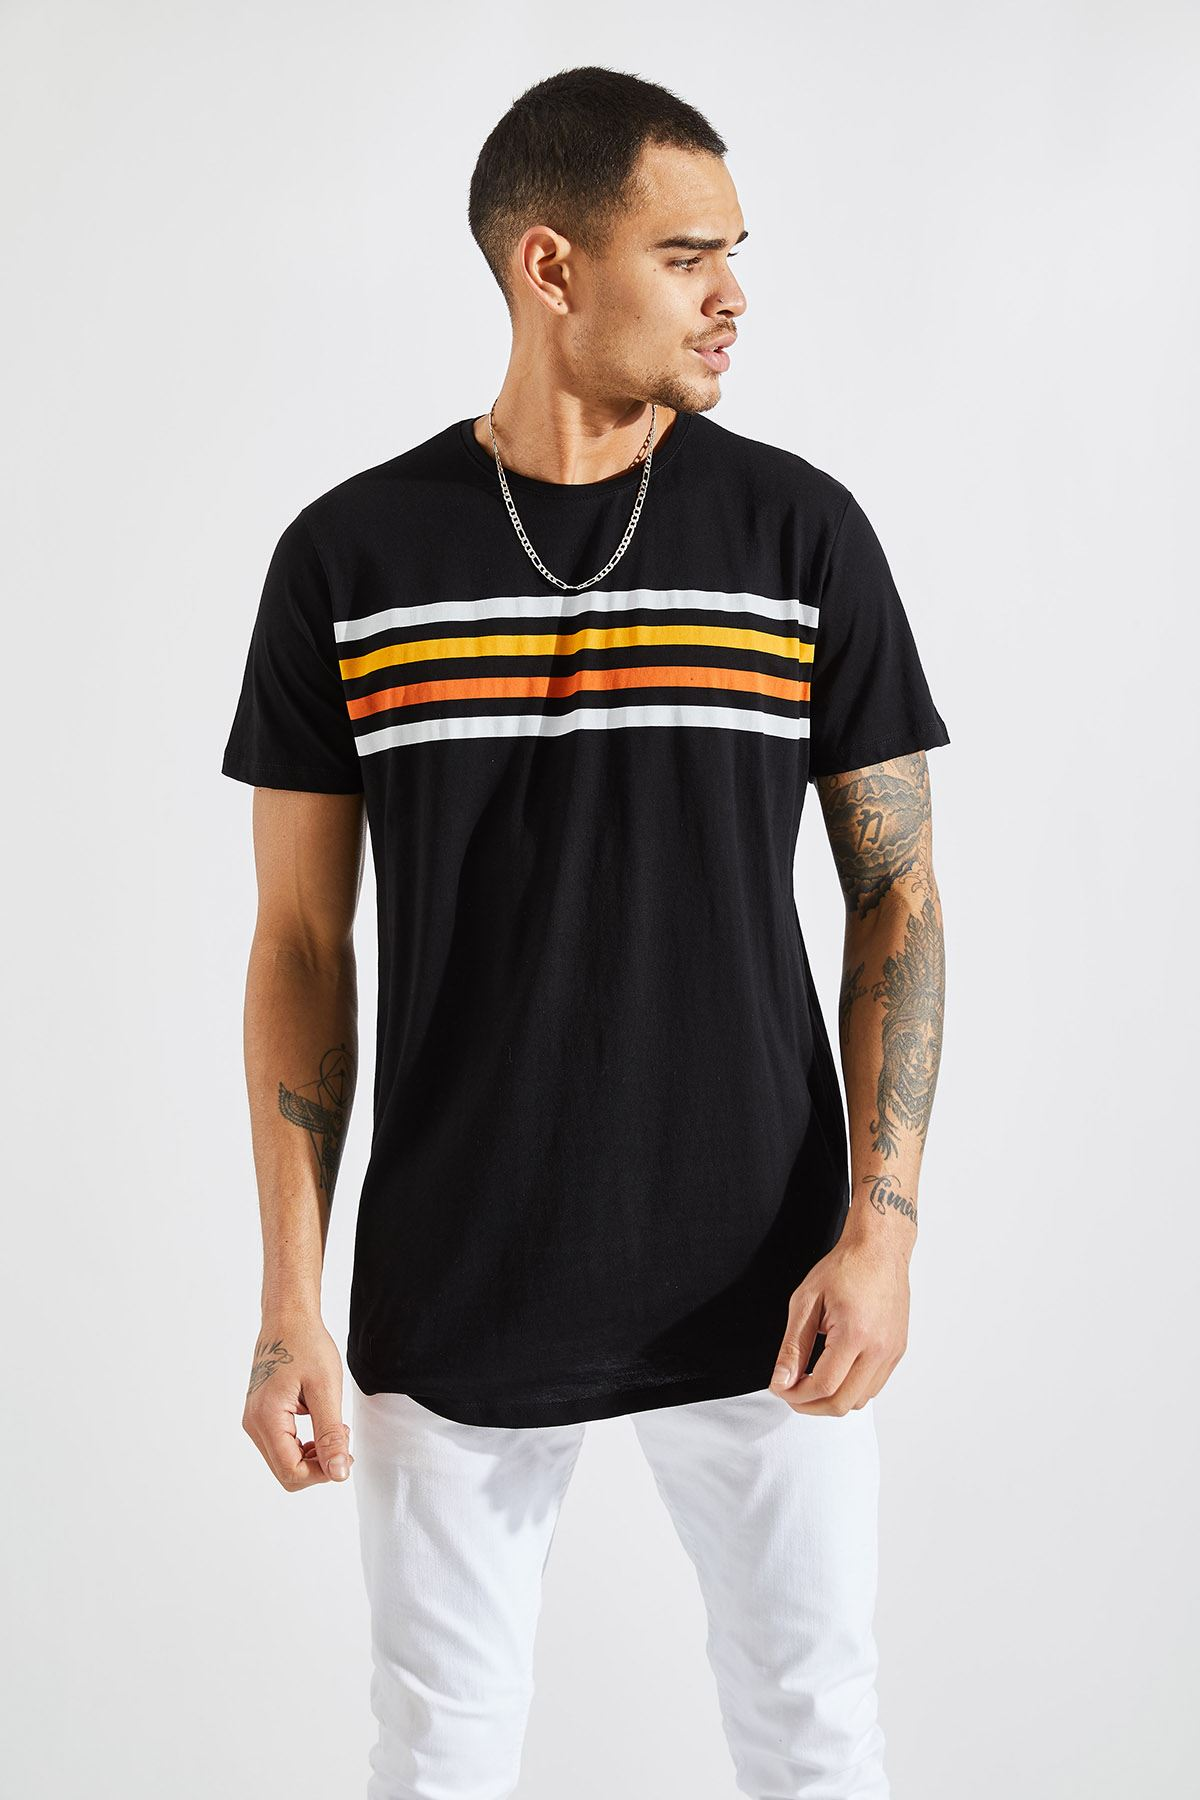 Erkek O Yaka 4 Çizgi Baskı Siyah Tişört